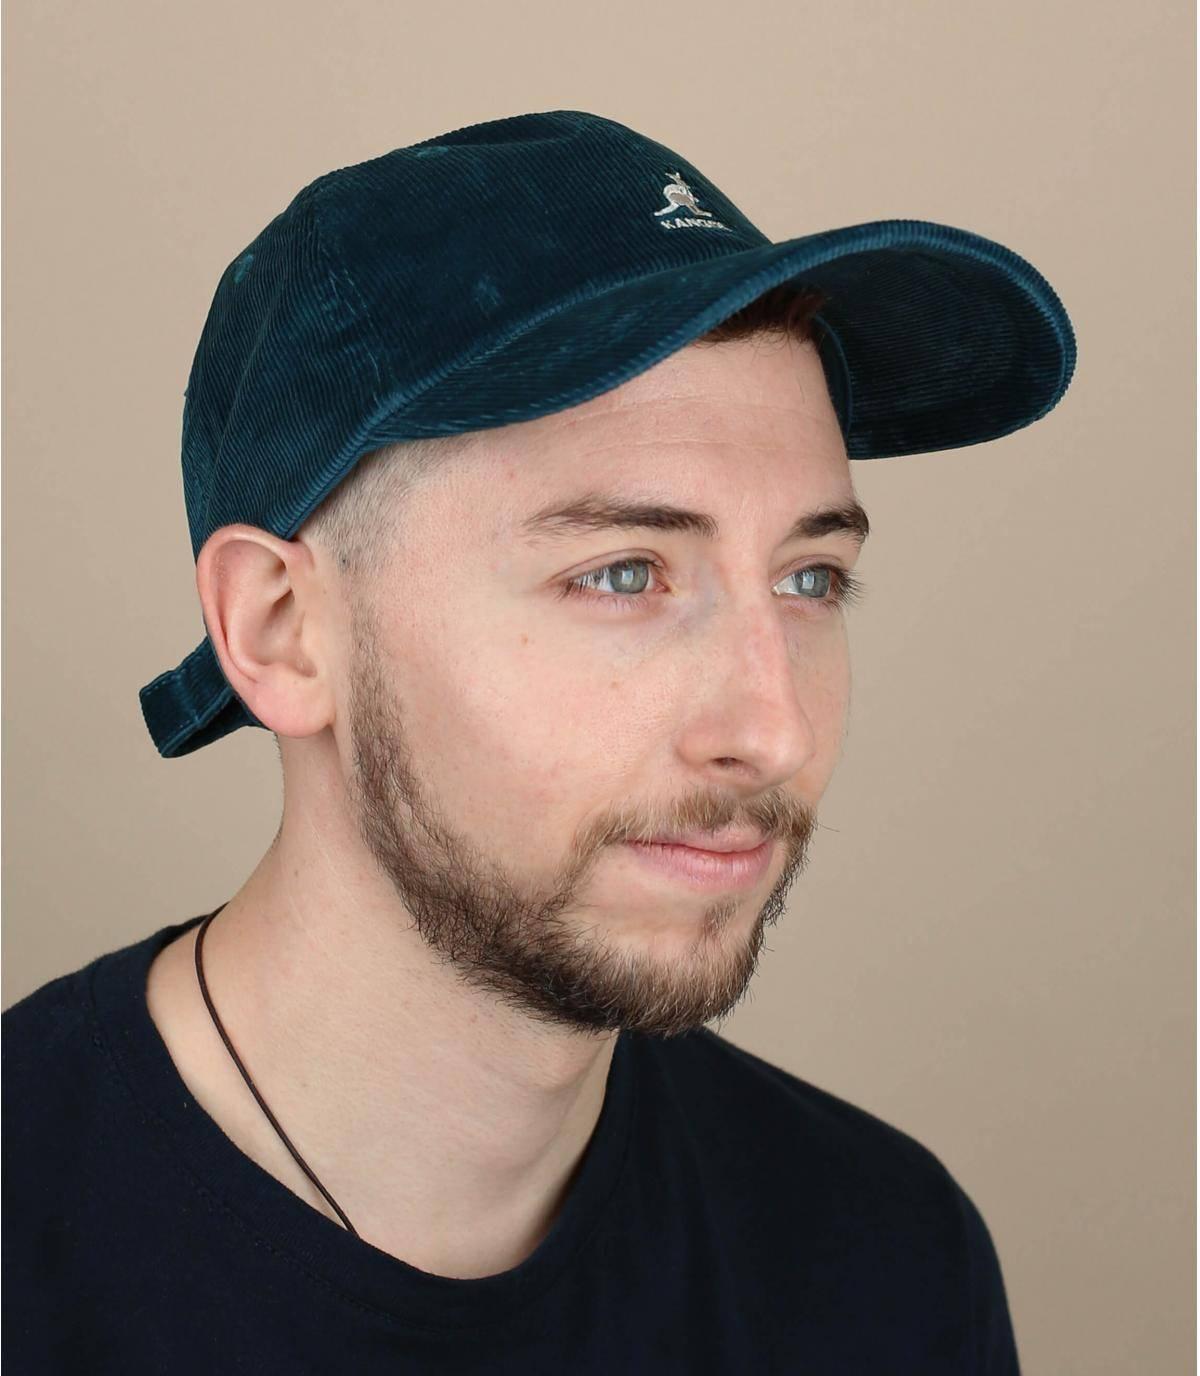 Gorra de terciopelo azul